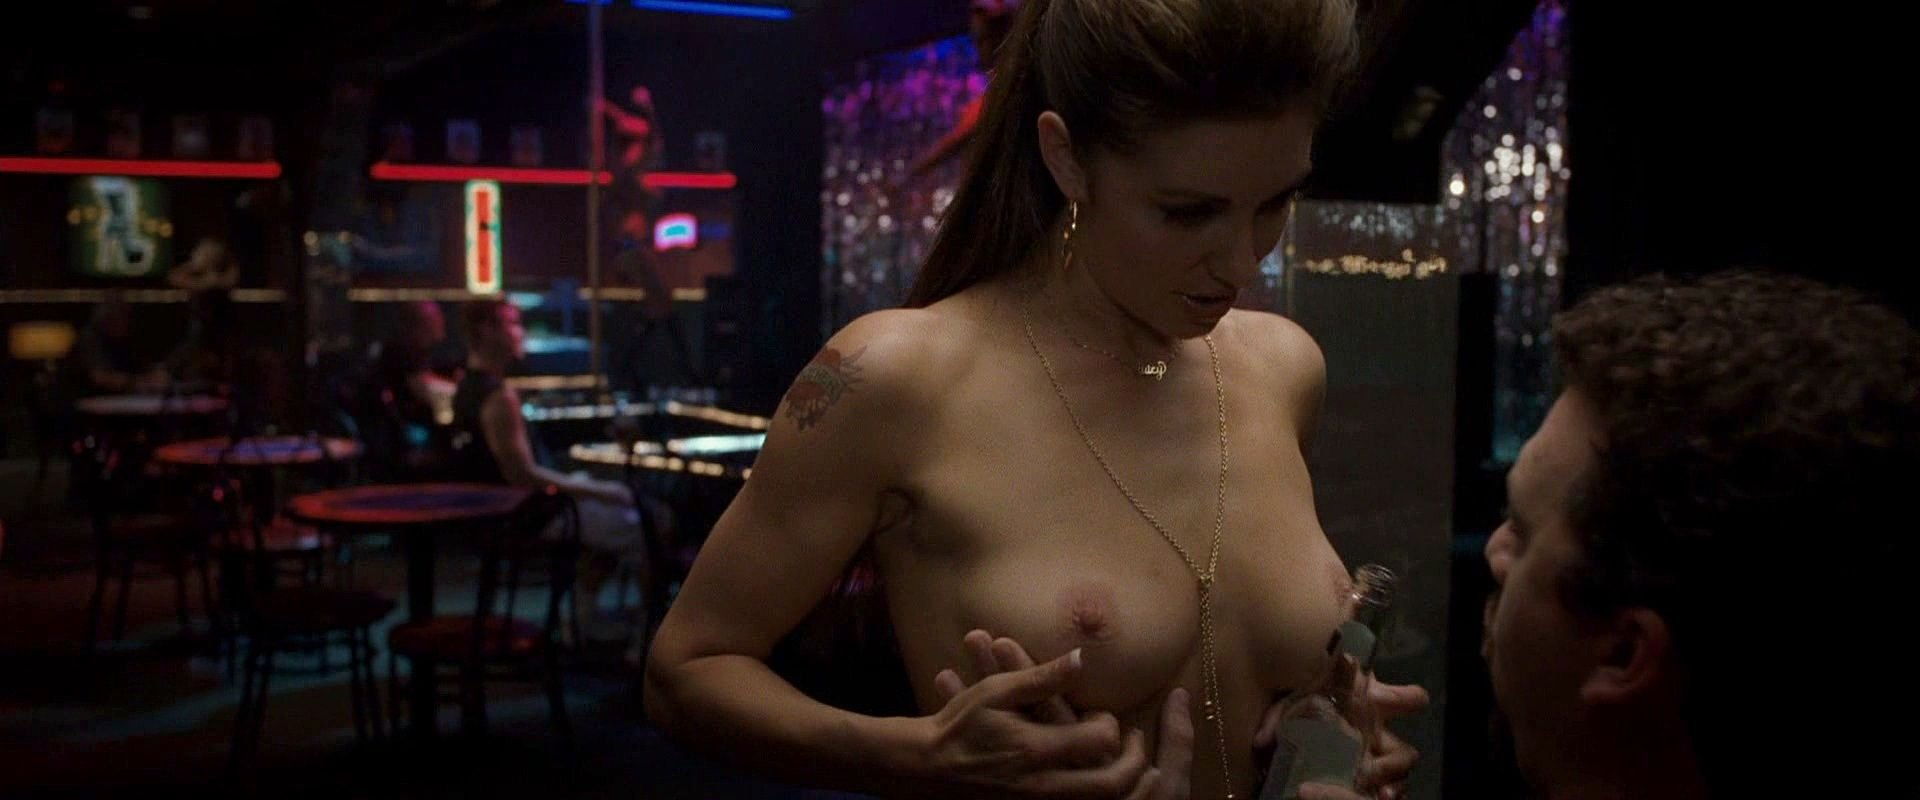 Bianca kajlich naked pussy pics — photo 7